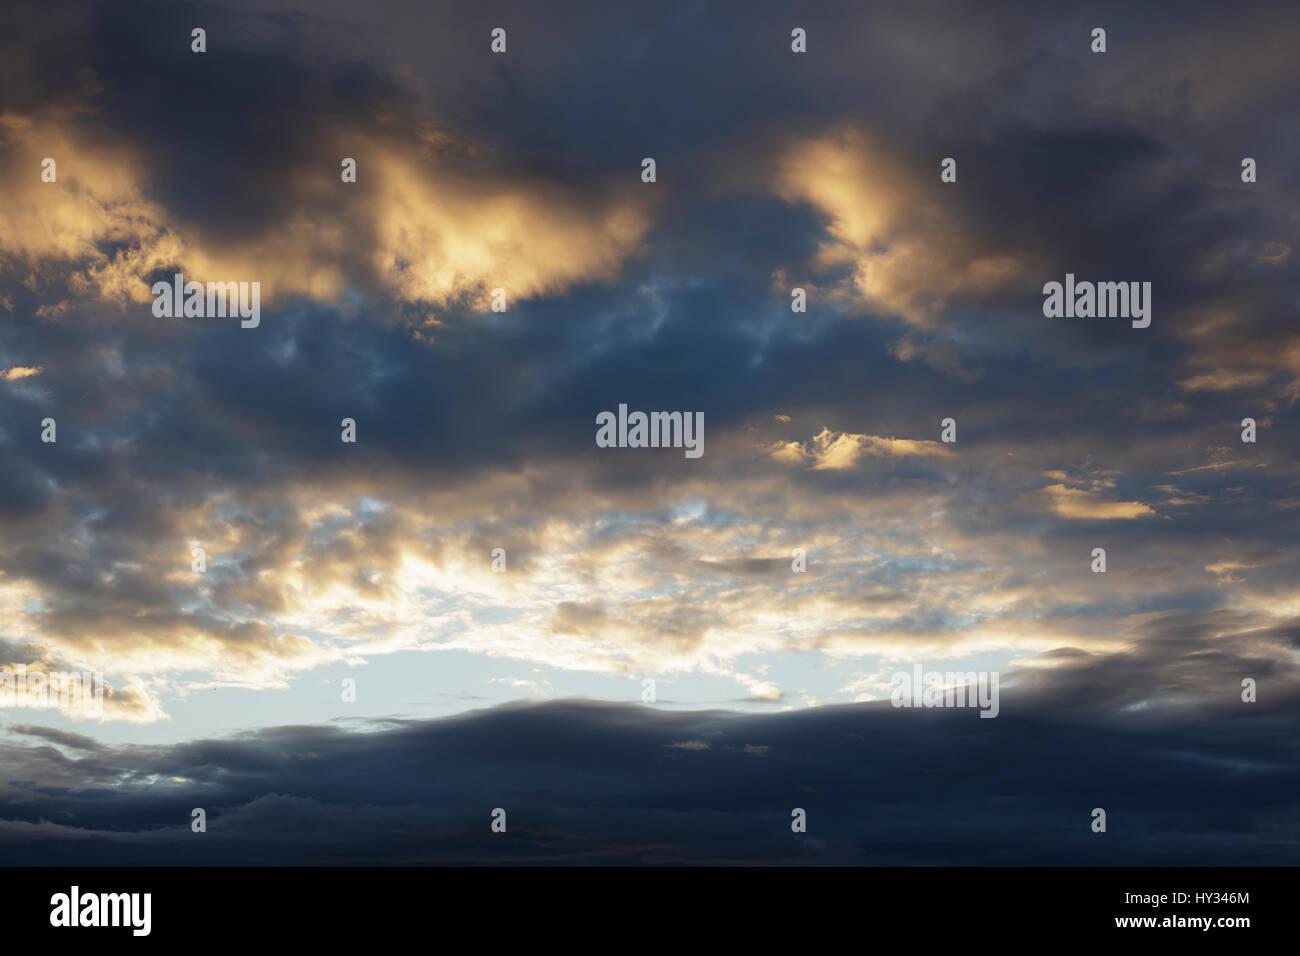 Sweden, Dalarna, Solleron, dramatic cloudscape - Stock Image